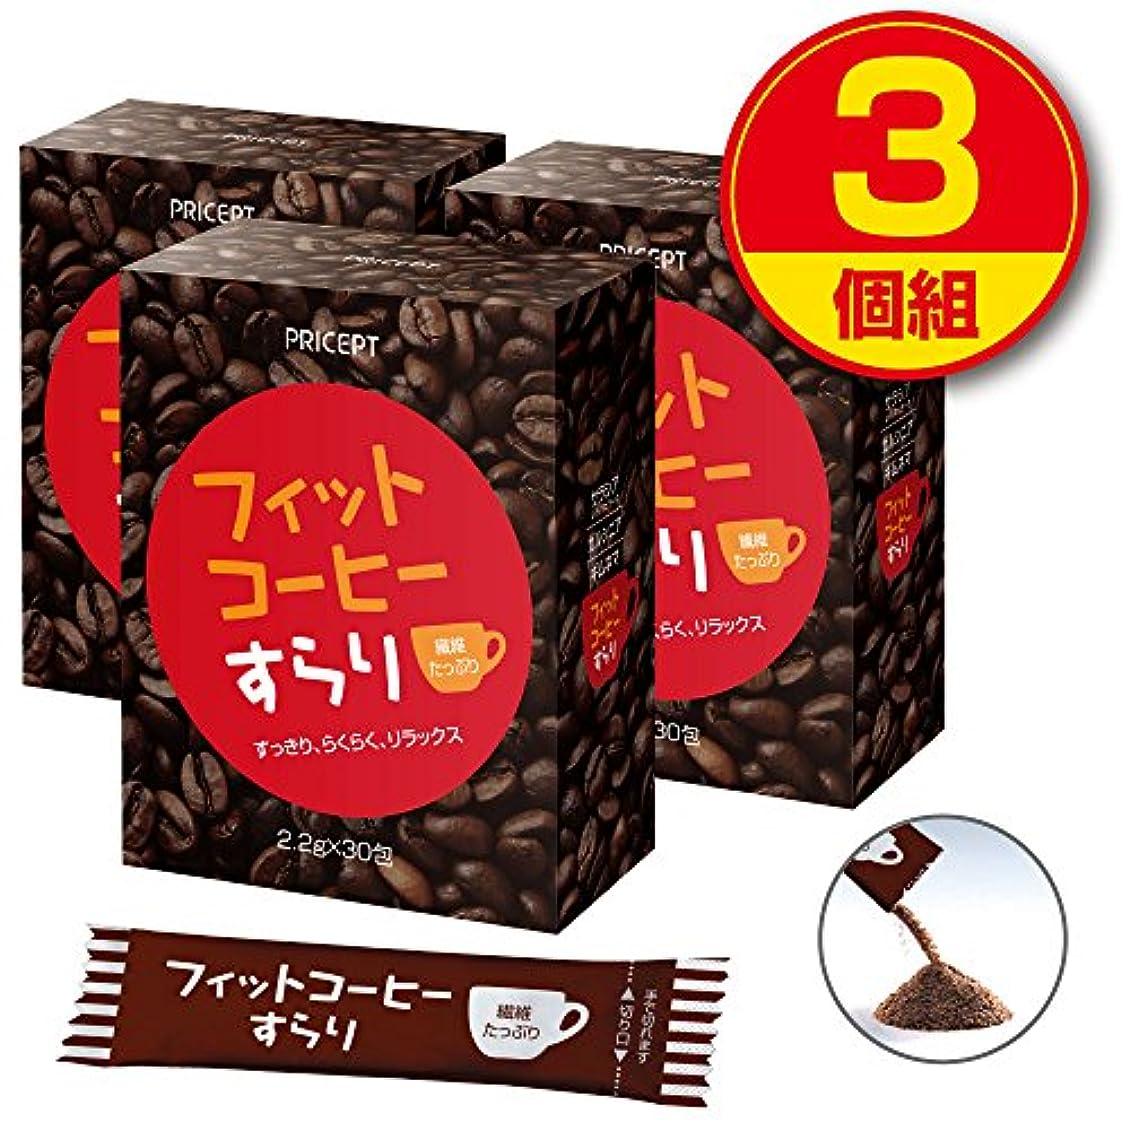 恥に勝る書士プリセプト フィットコーヒーすらり 30包【3個組(90包)】(ダイエットサポートコーヒー)